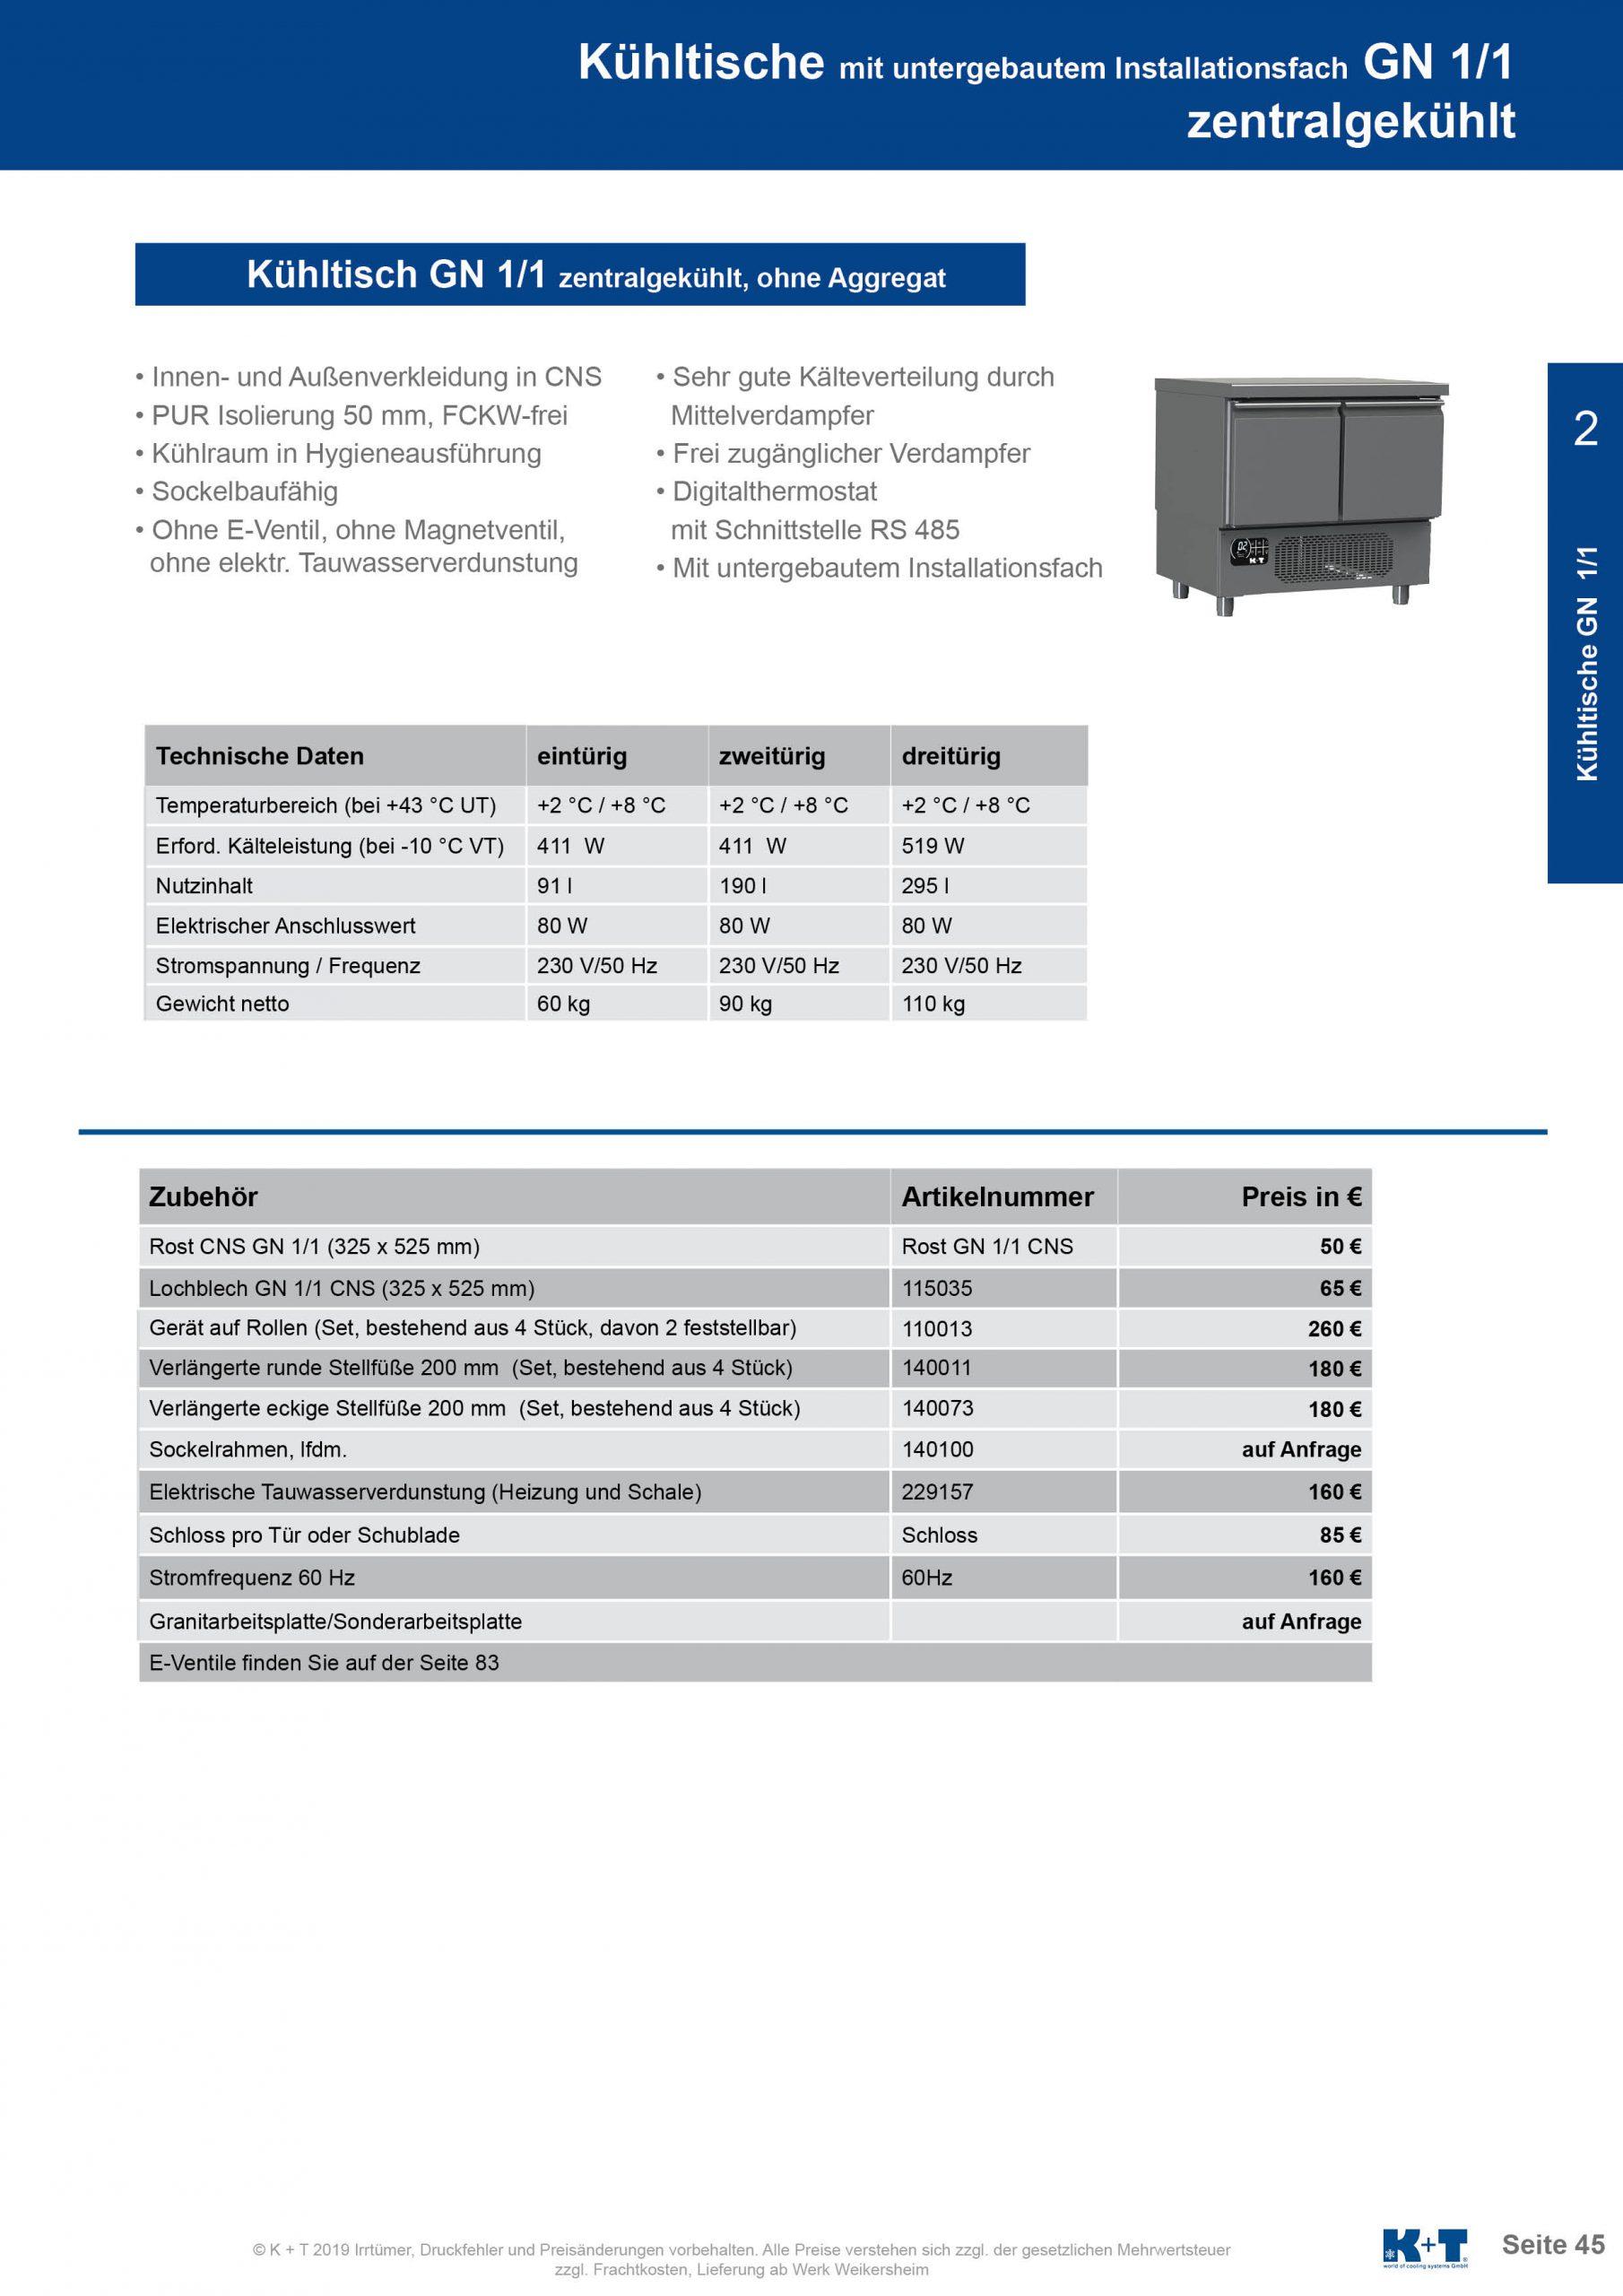 Kühltisch mit untergebautem Aggregat zentralgekühlt 2